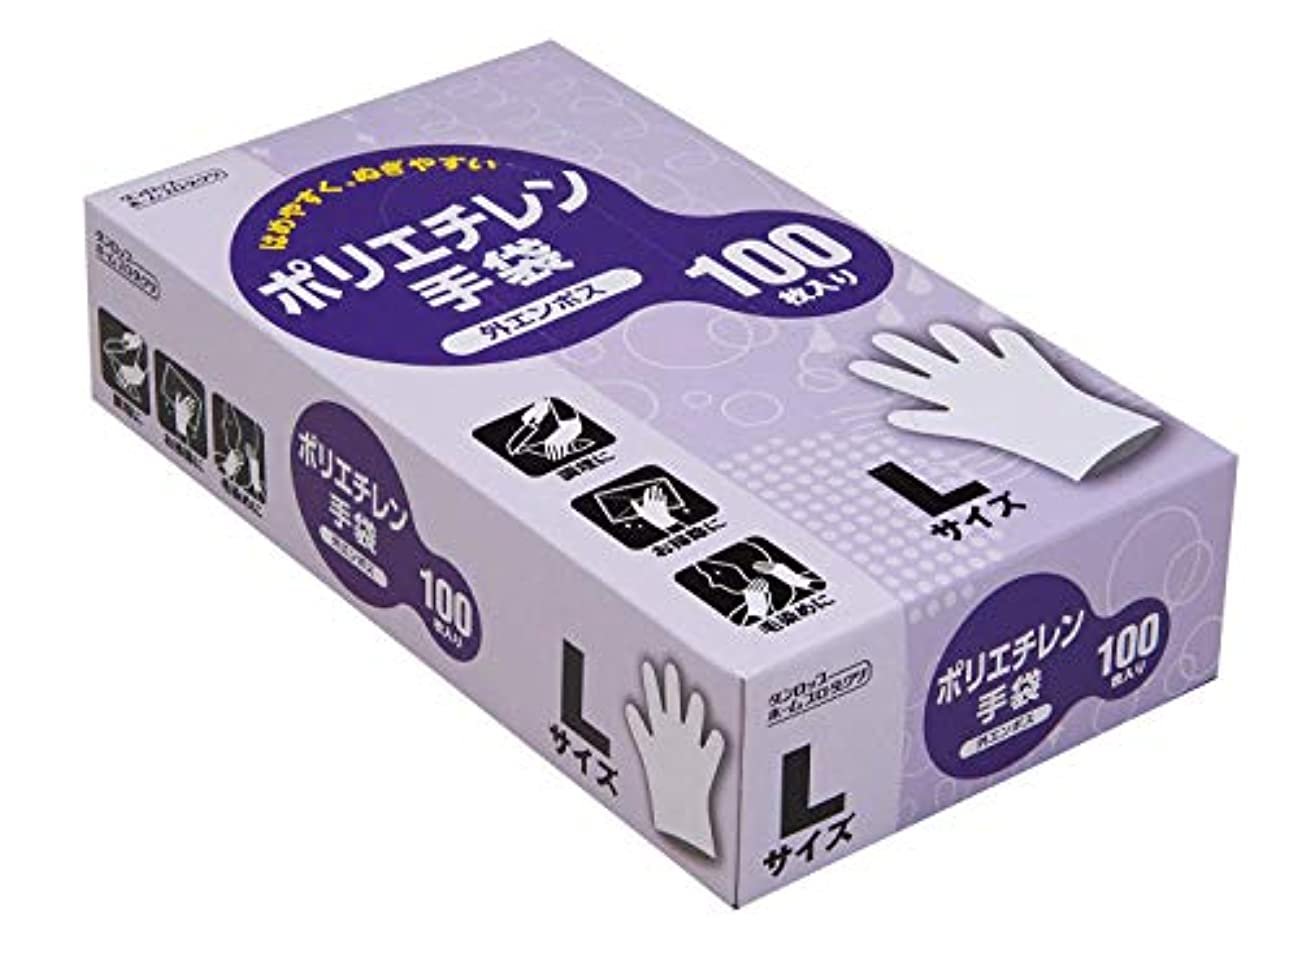 誕生蒸気インゲンダンロップホームプロダクツ ポリエチレン手袋 クリア L 100枚入 ×30個